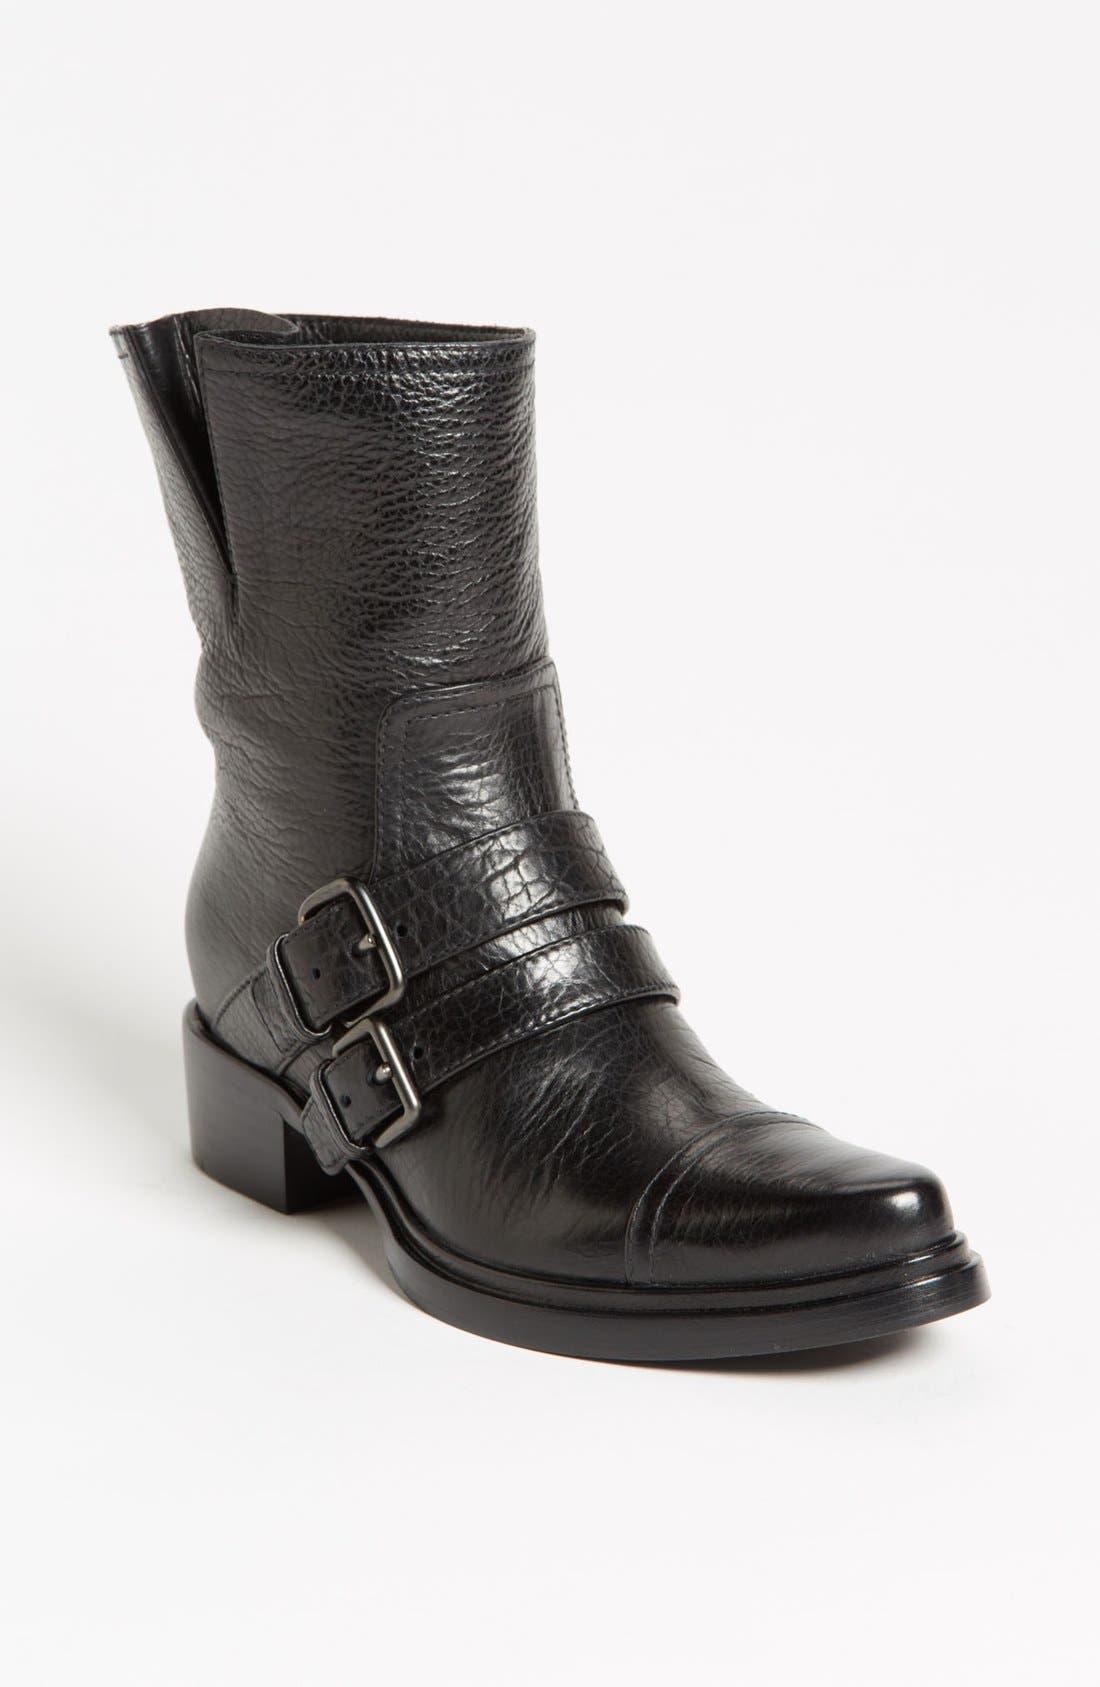 Main Image - Miu Miu Ankle Boot